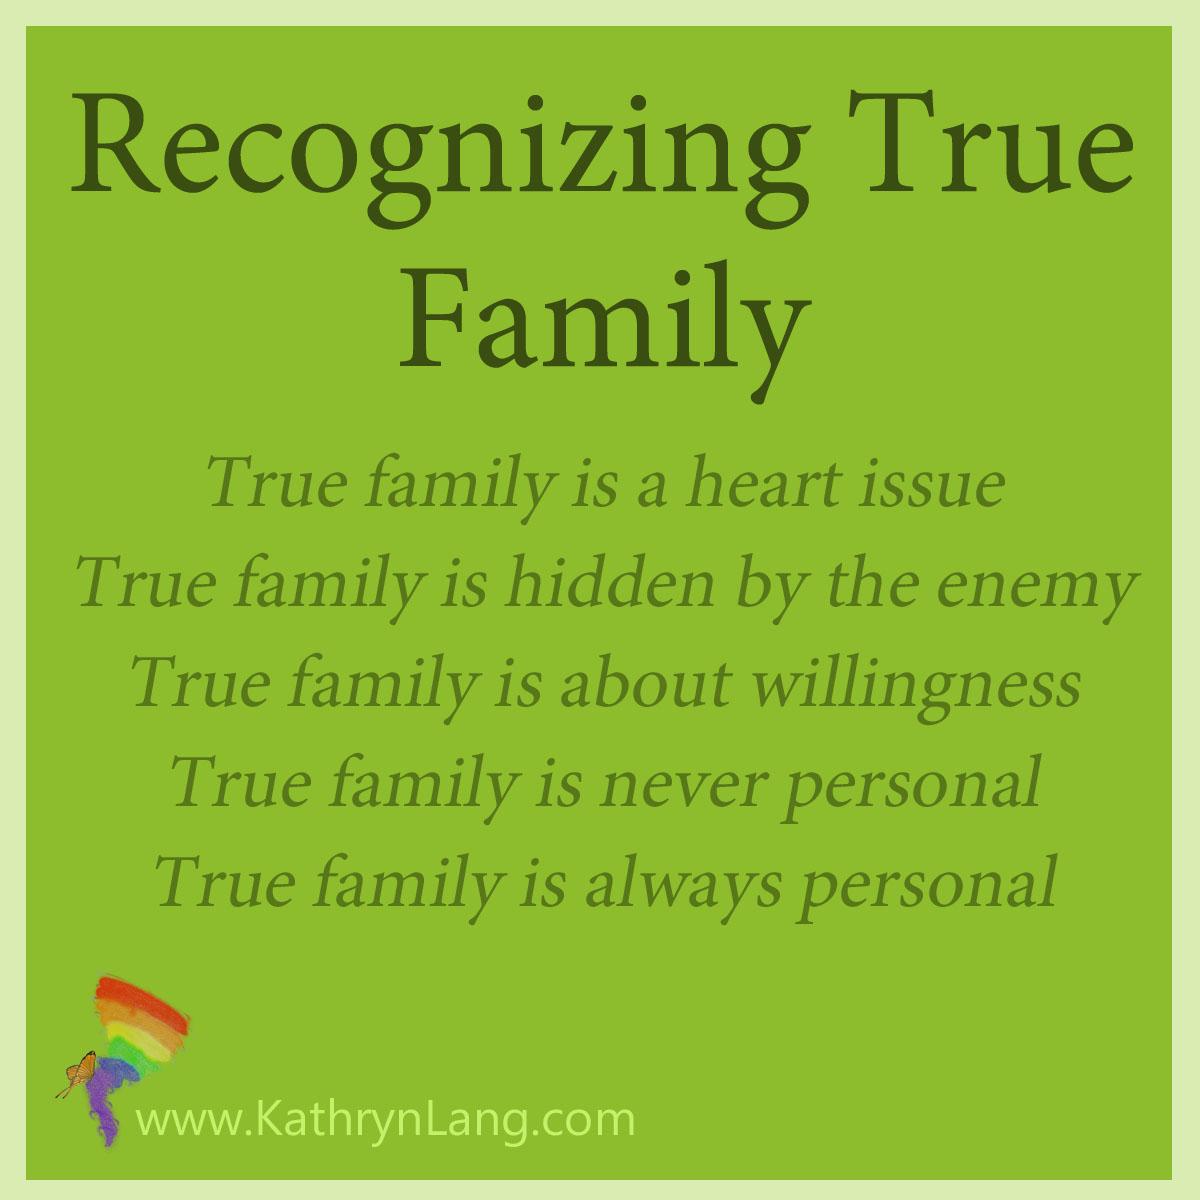 Recognizing True Family